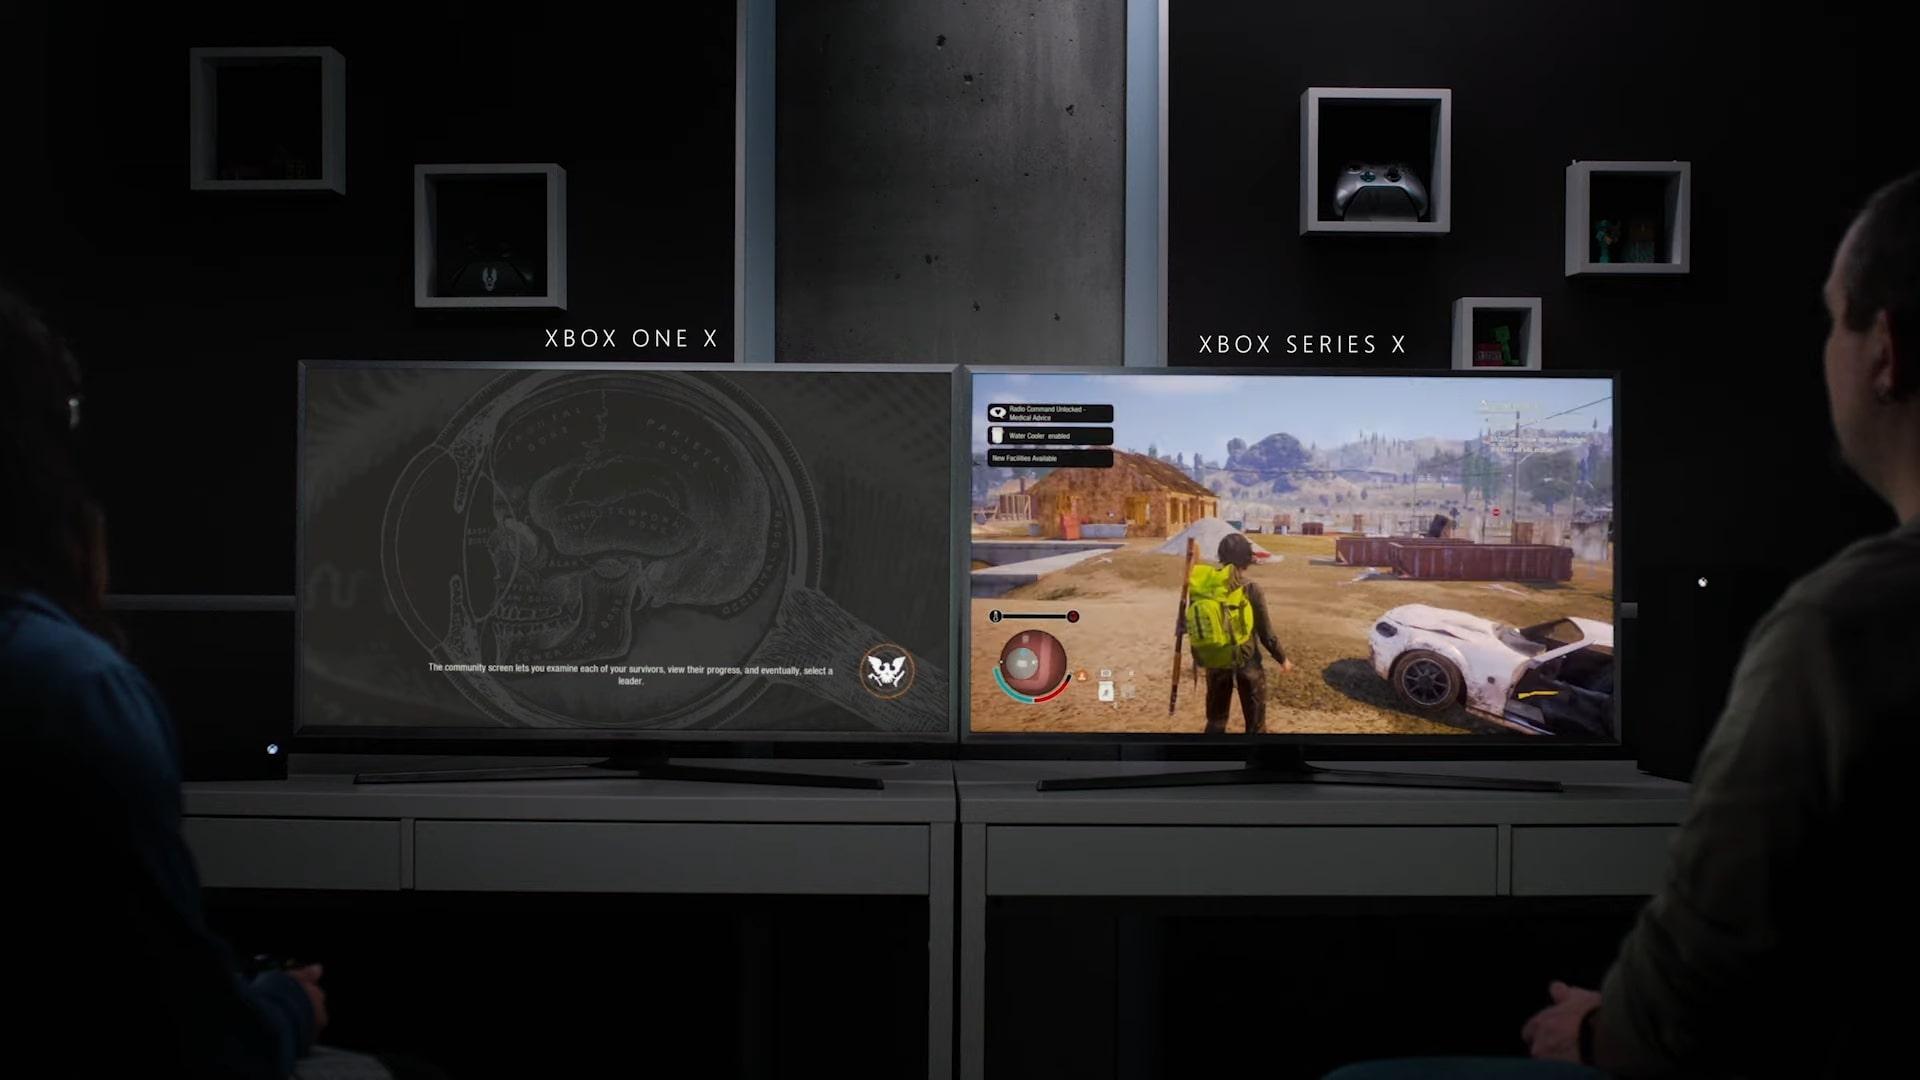 XboxSeriesXvsXboxOneX